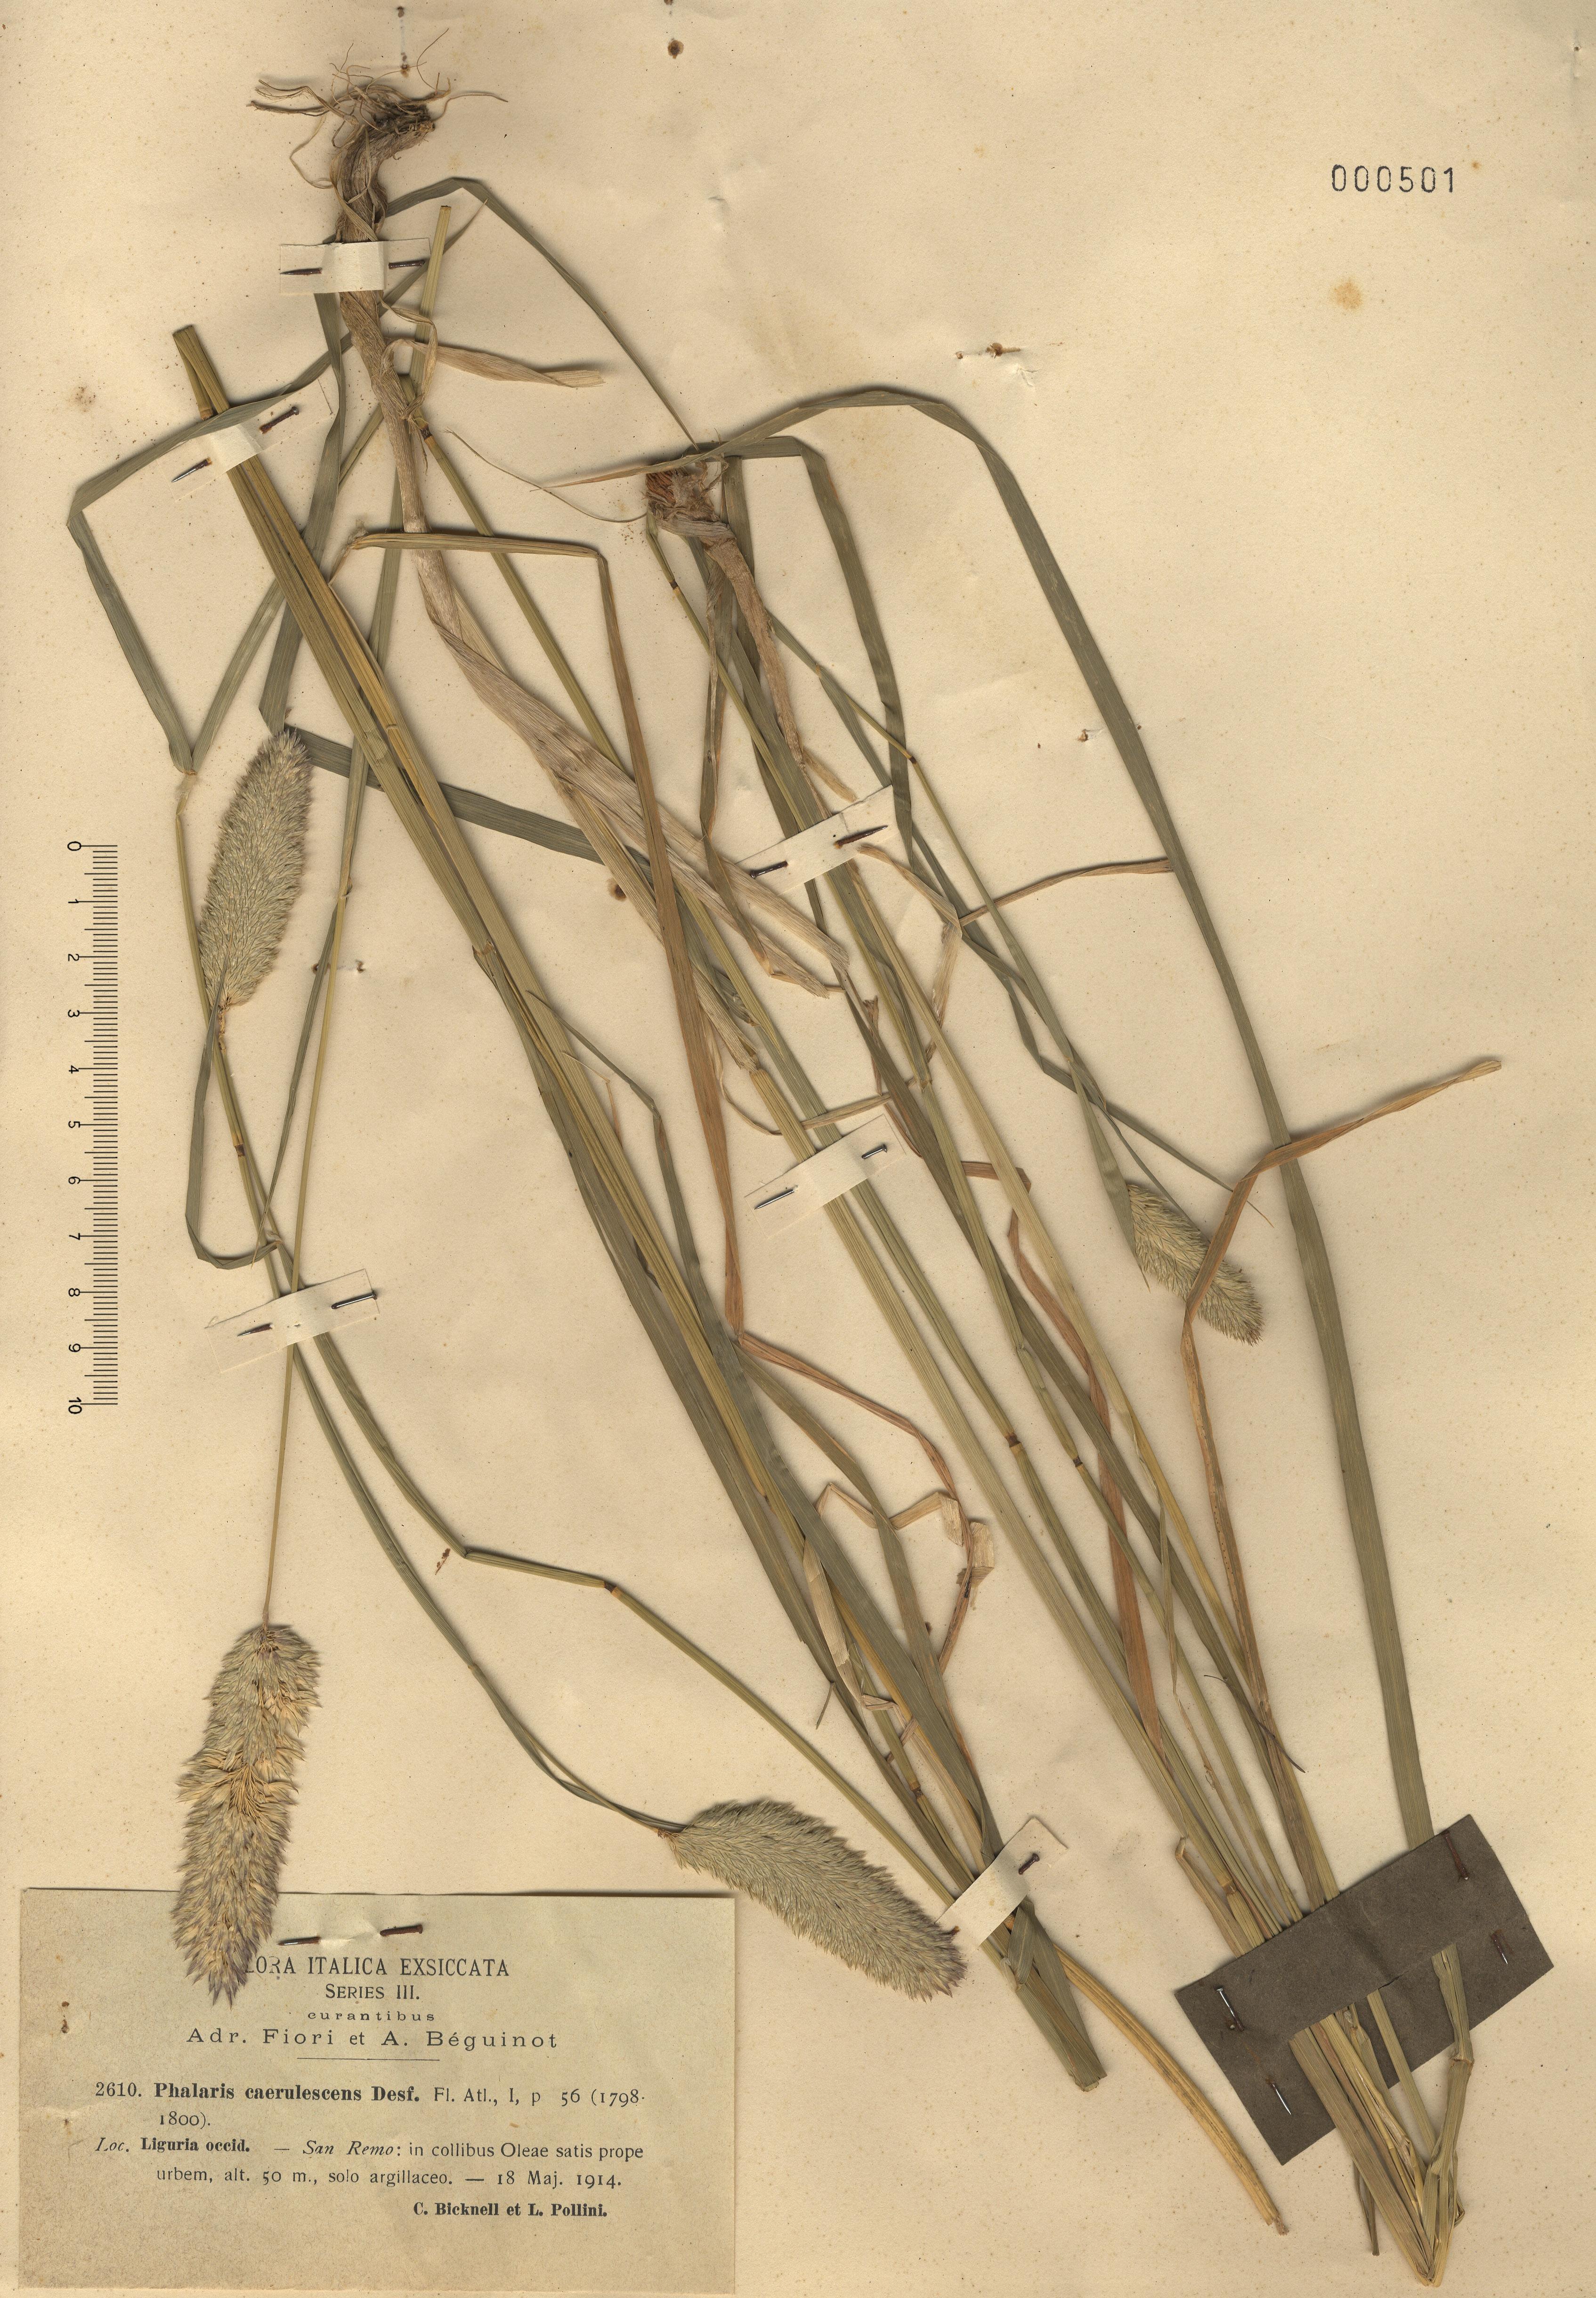 © Hortus Botanicus Catinensis - Herb. sheet 000501<br>